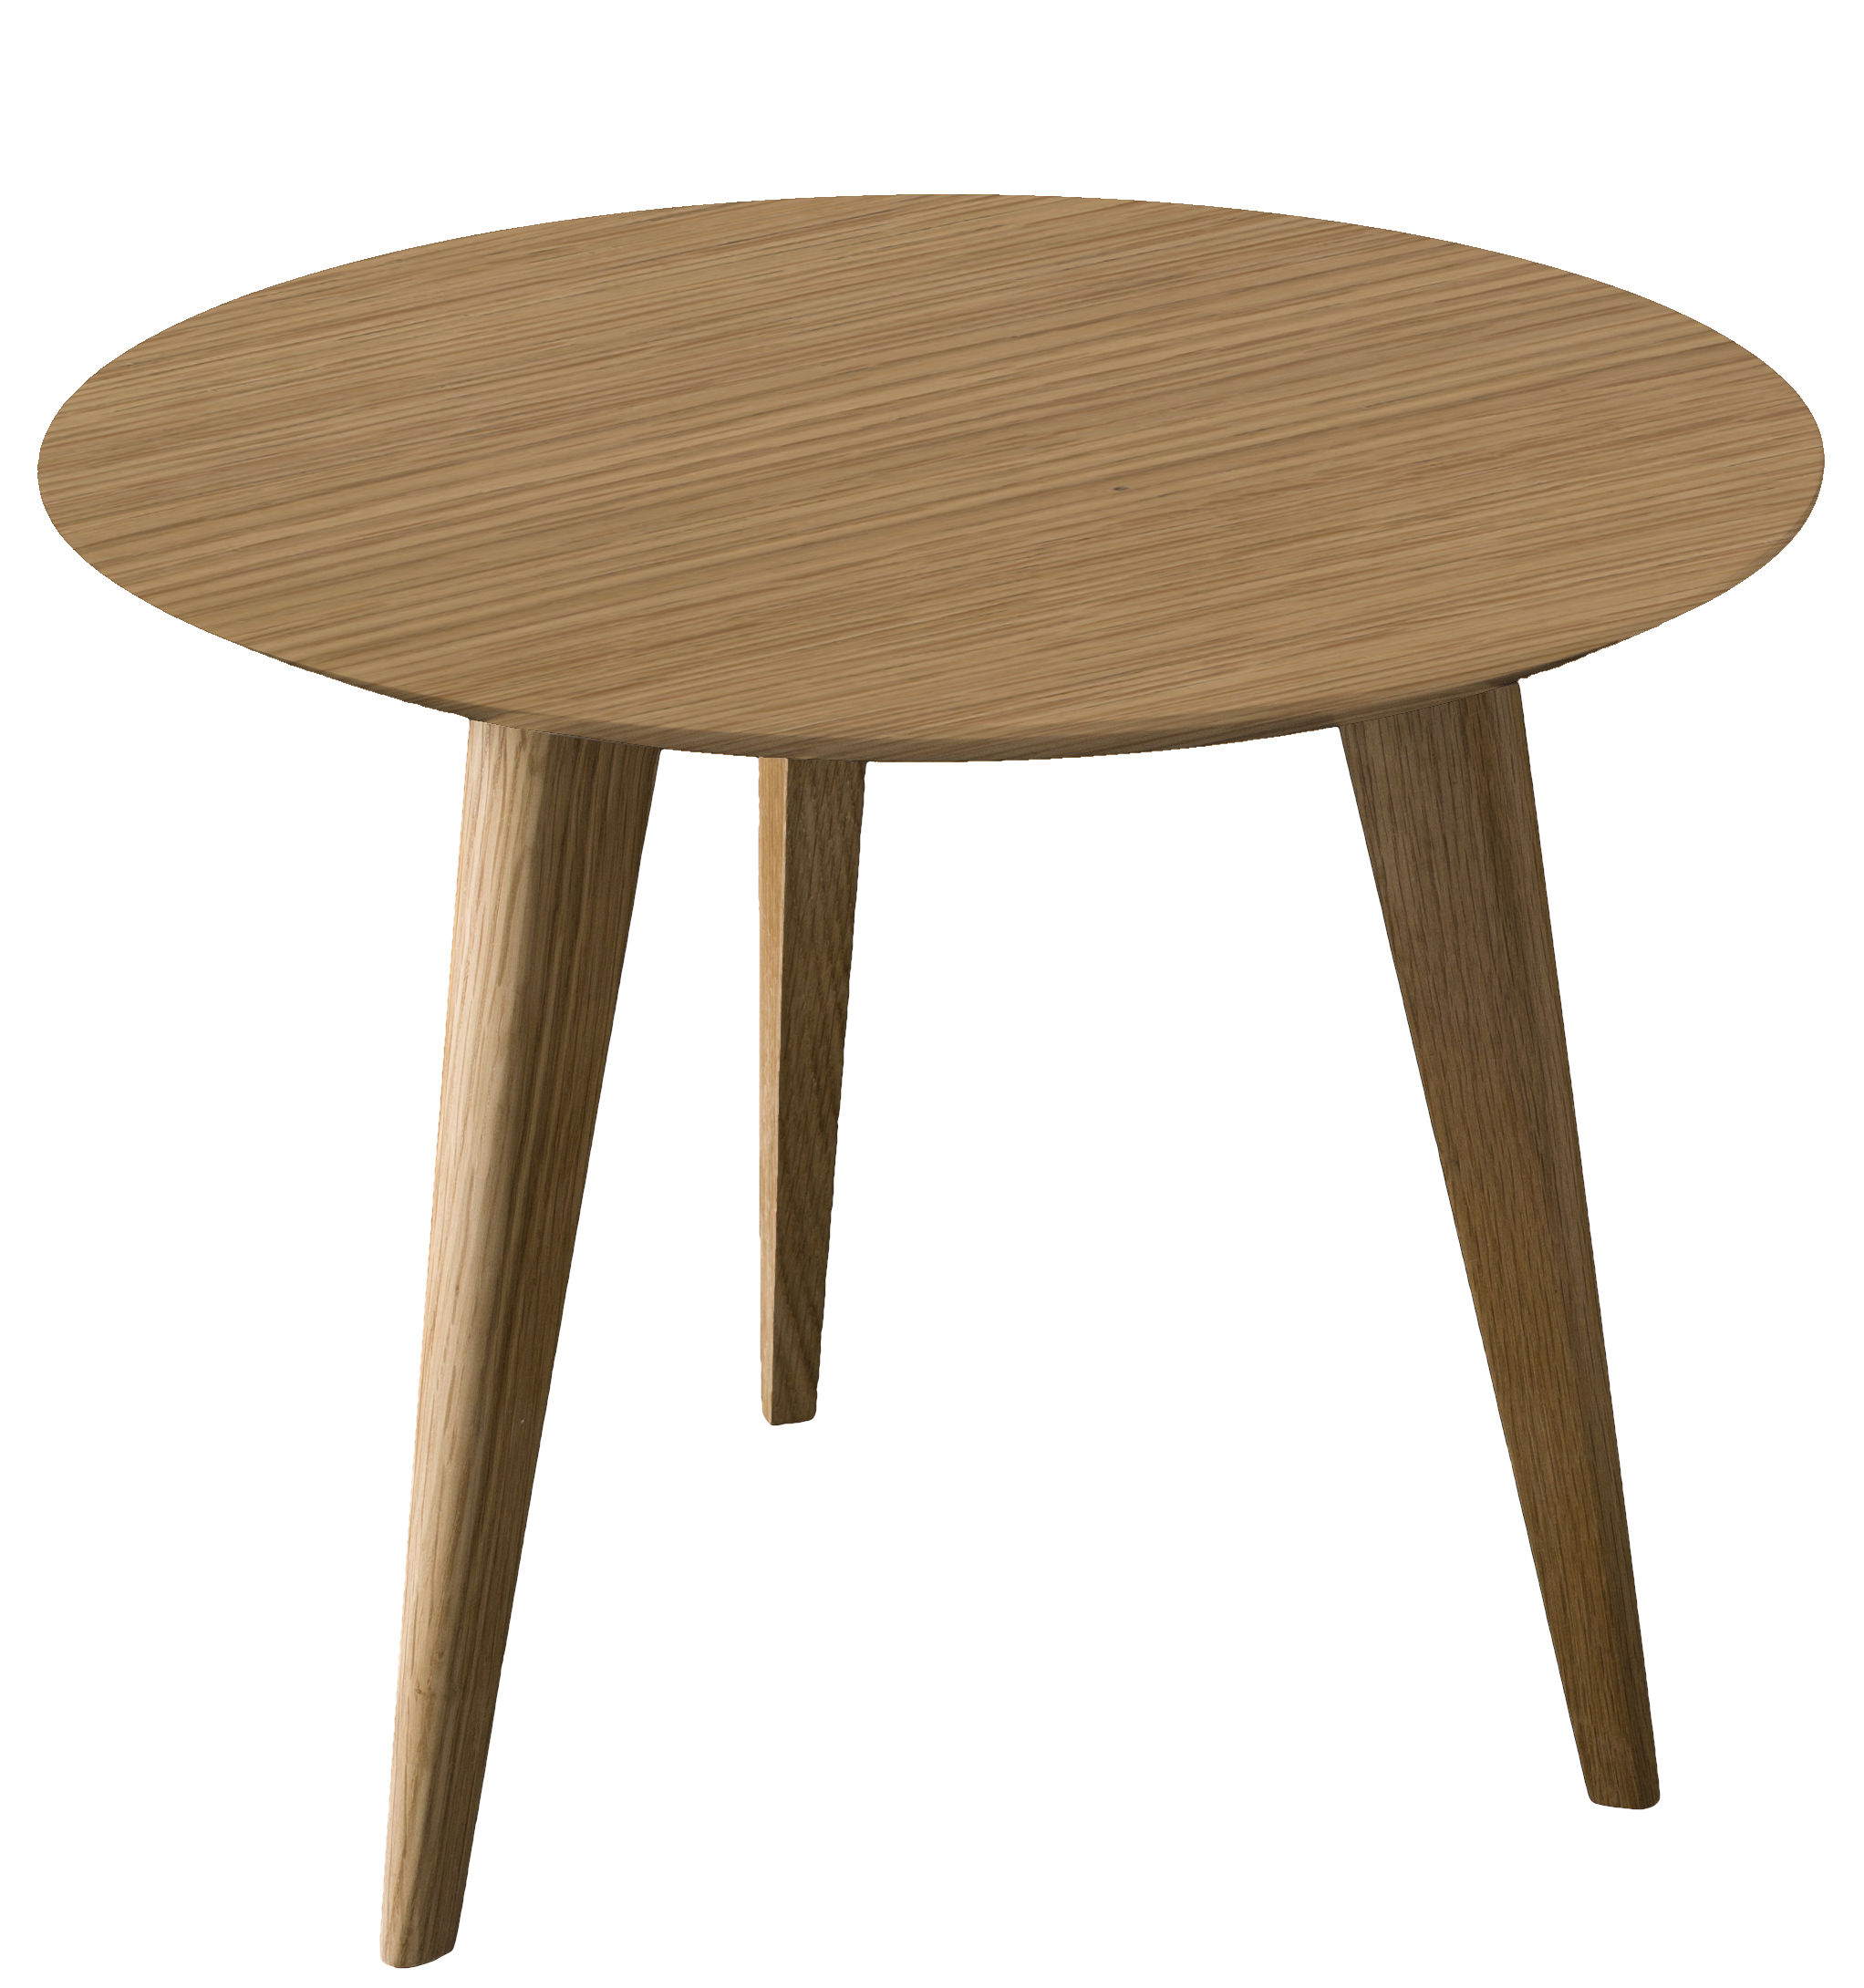 Möbel - Couchtische - Lalinde Ronde Couchtisch ronde - groß Ø 55 cm / Tischbeine aus Holz - Sentou Edition - Eichenholz / Tischbeine dunkles Holz - Holzfaserplatte, klarlackbeschichtete Eiche